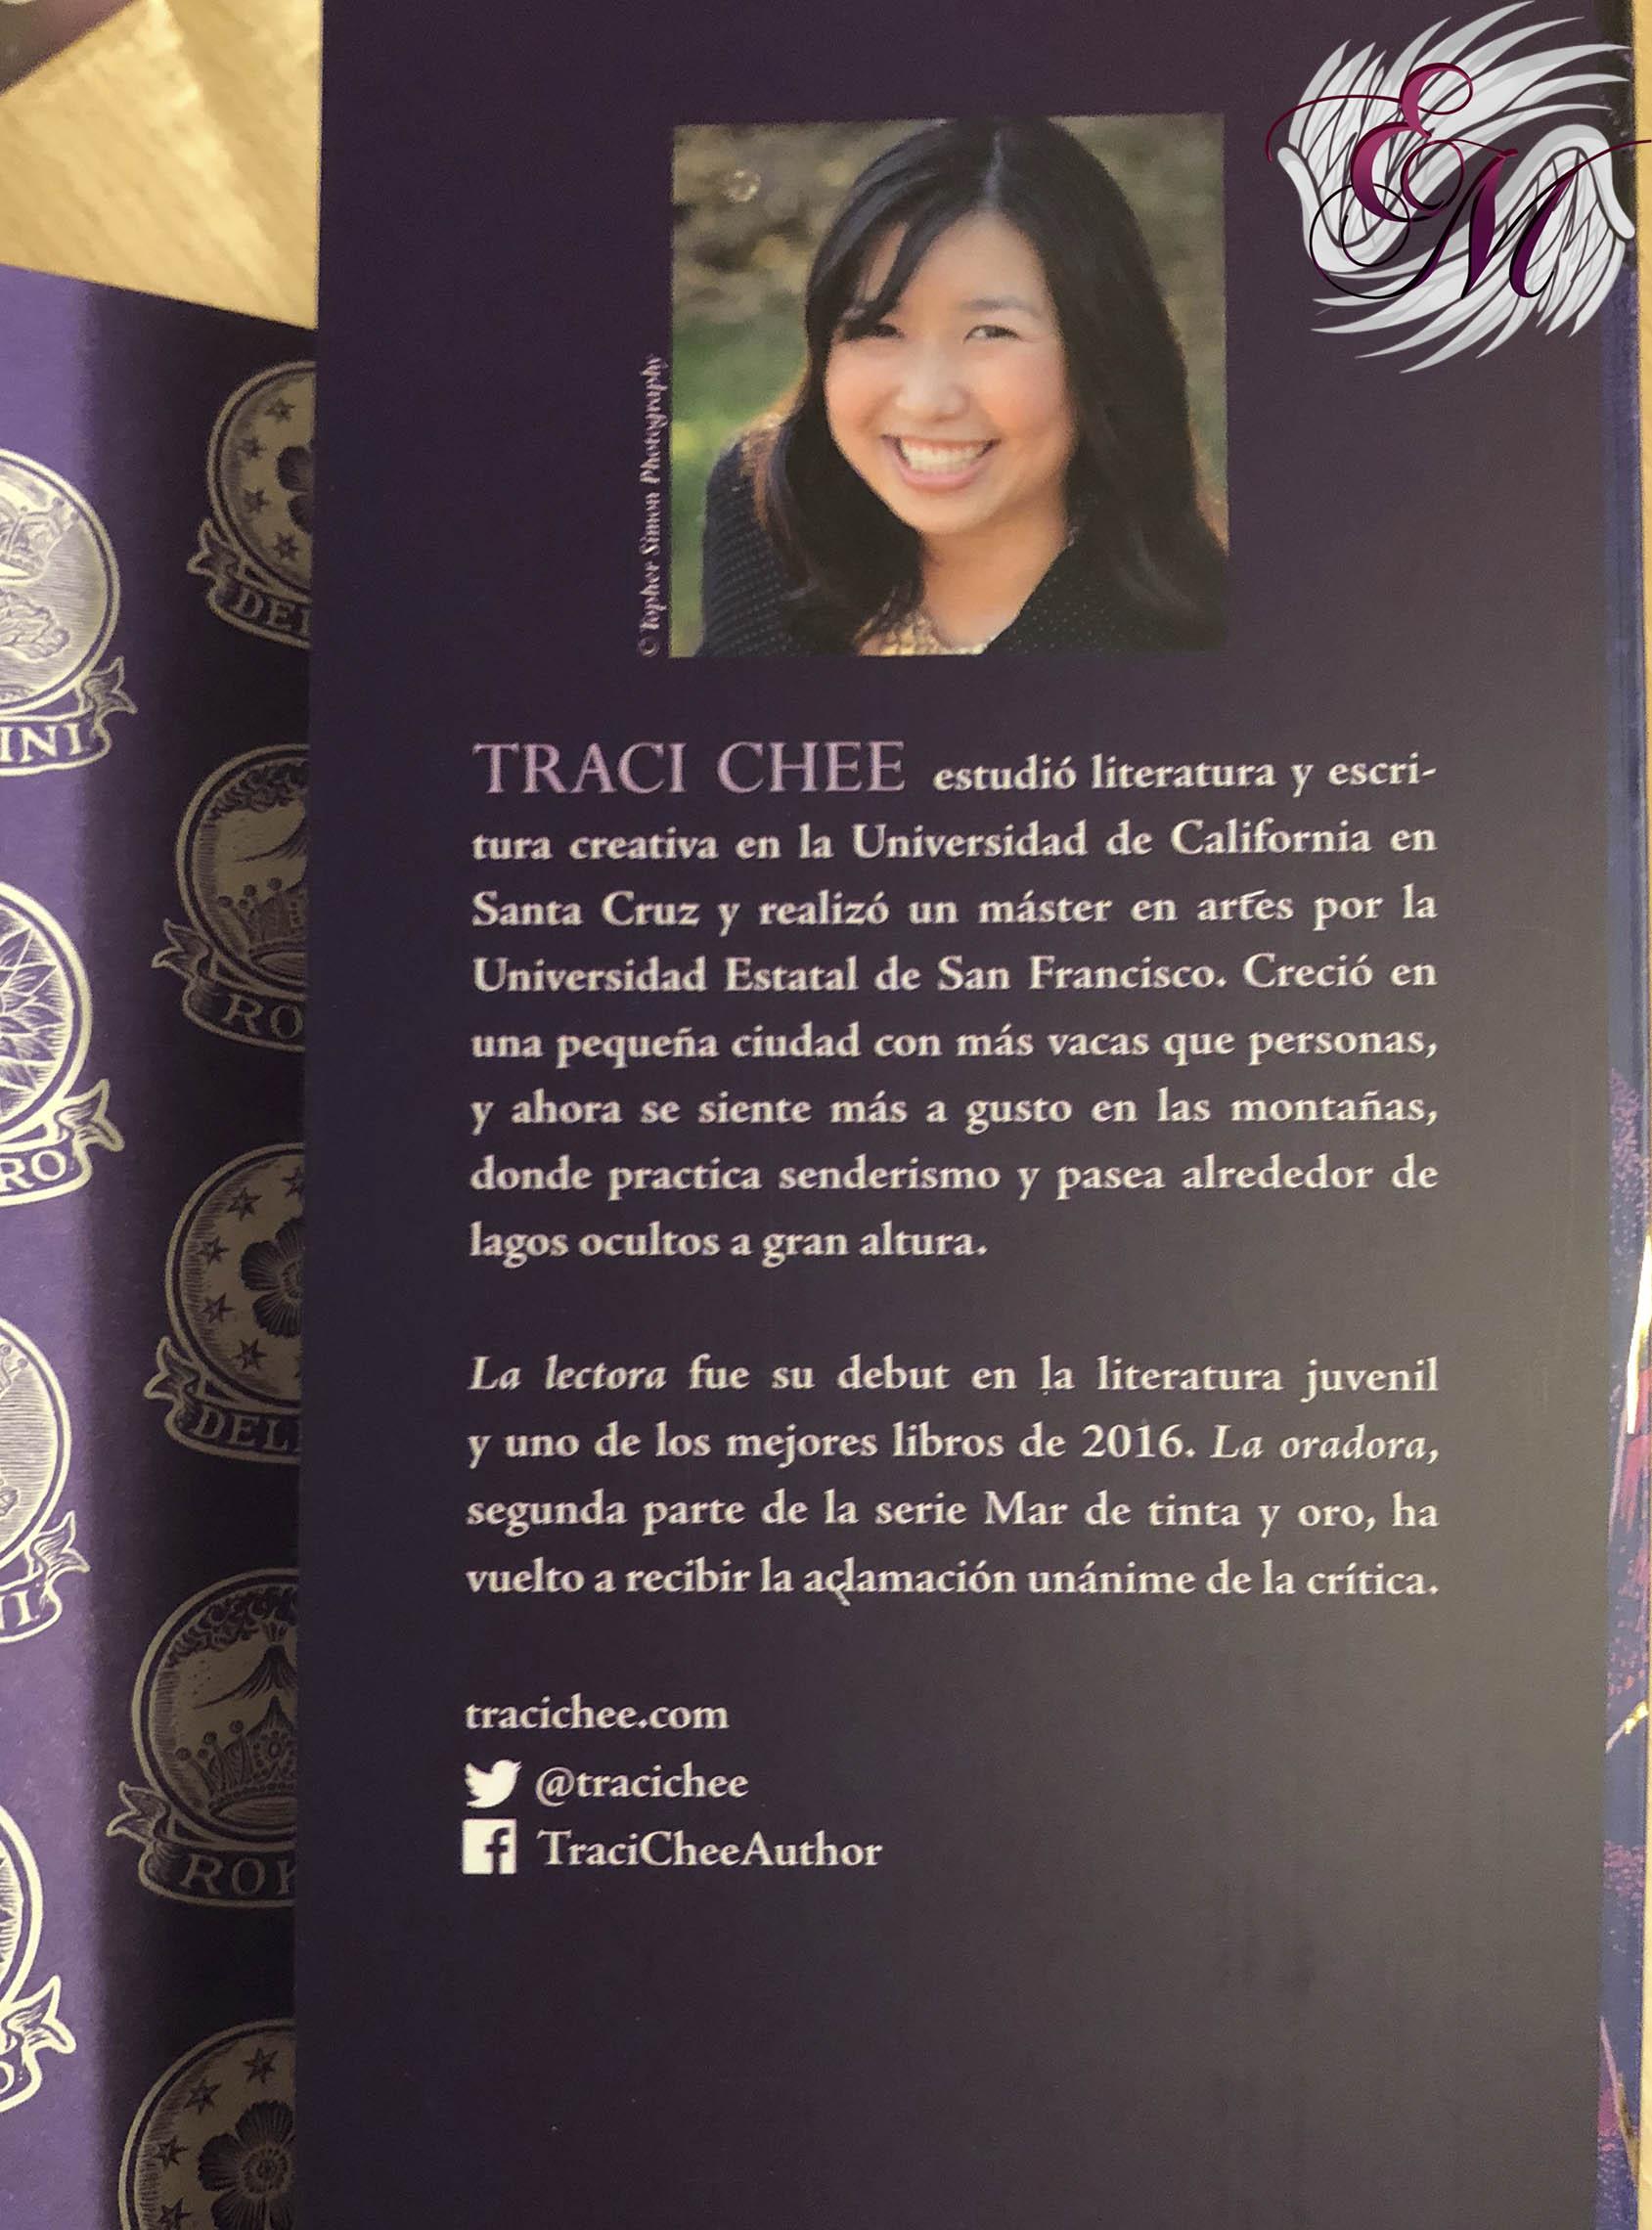 La oradora, de Traci Chee - Reseña